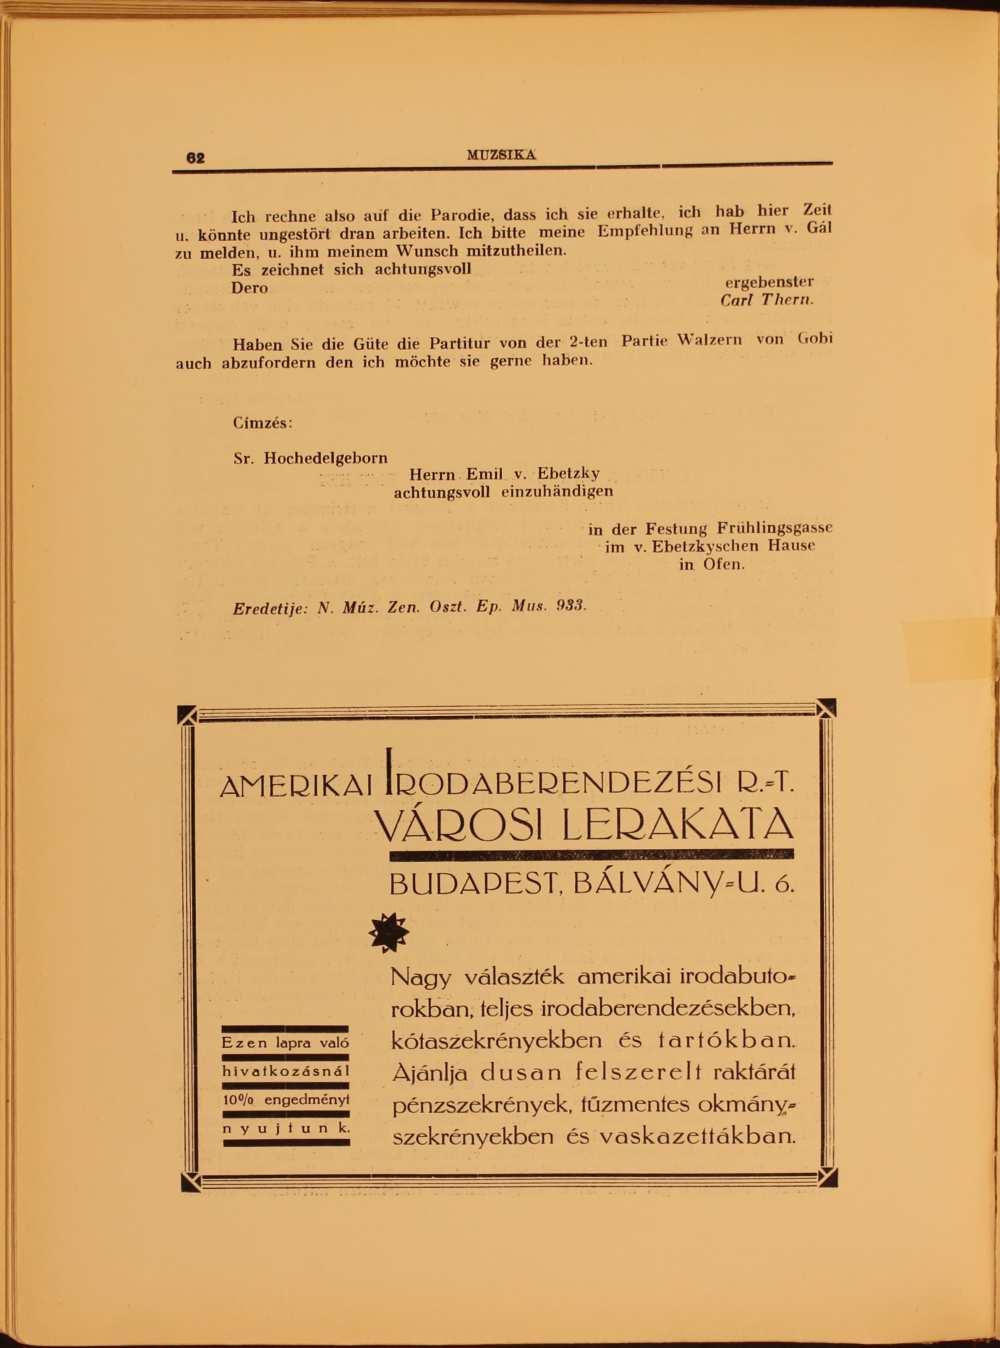 """Bognár Ignác és Thern Károly egy-egy levele (""""Szemelvények a zenei osztály levelestárából"""" című rovat). Befejezés. In. Muzsika. Zeneművészeti, zenetudományi és zenekritikai folyóirat, 1. évf. 1–2. sz. (1929. febr.–márc.) – Törzsgyűjtemény http://nektar.oszk.hu/hu/manifestation/1023575"""